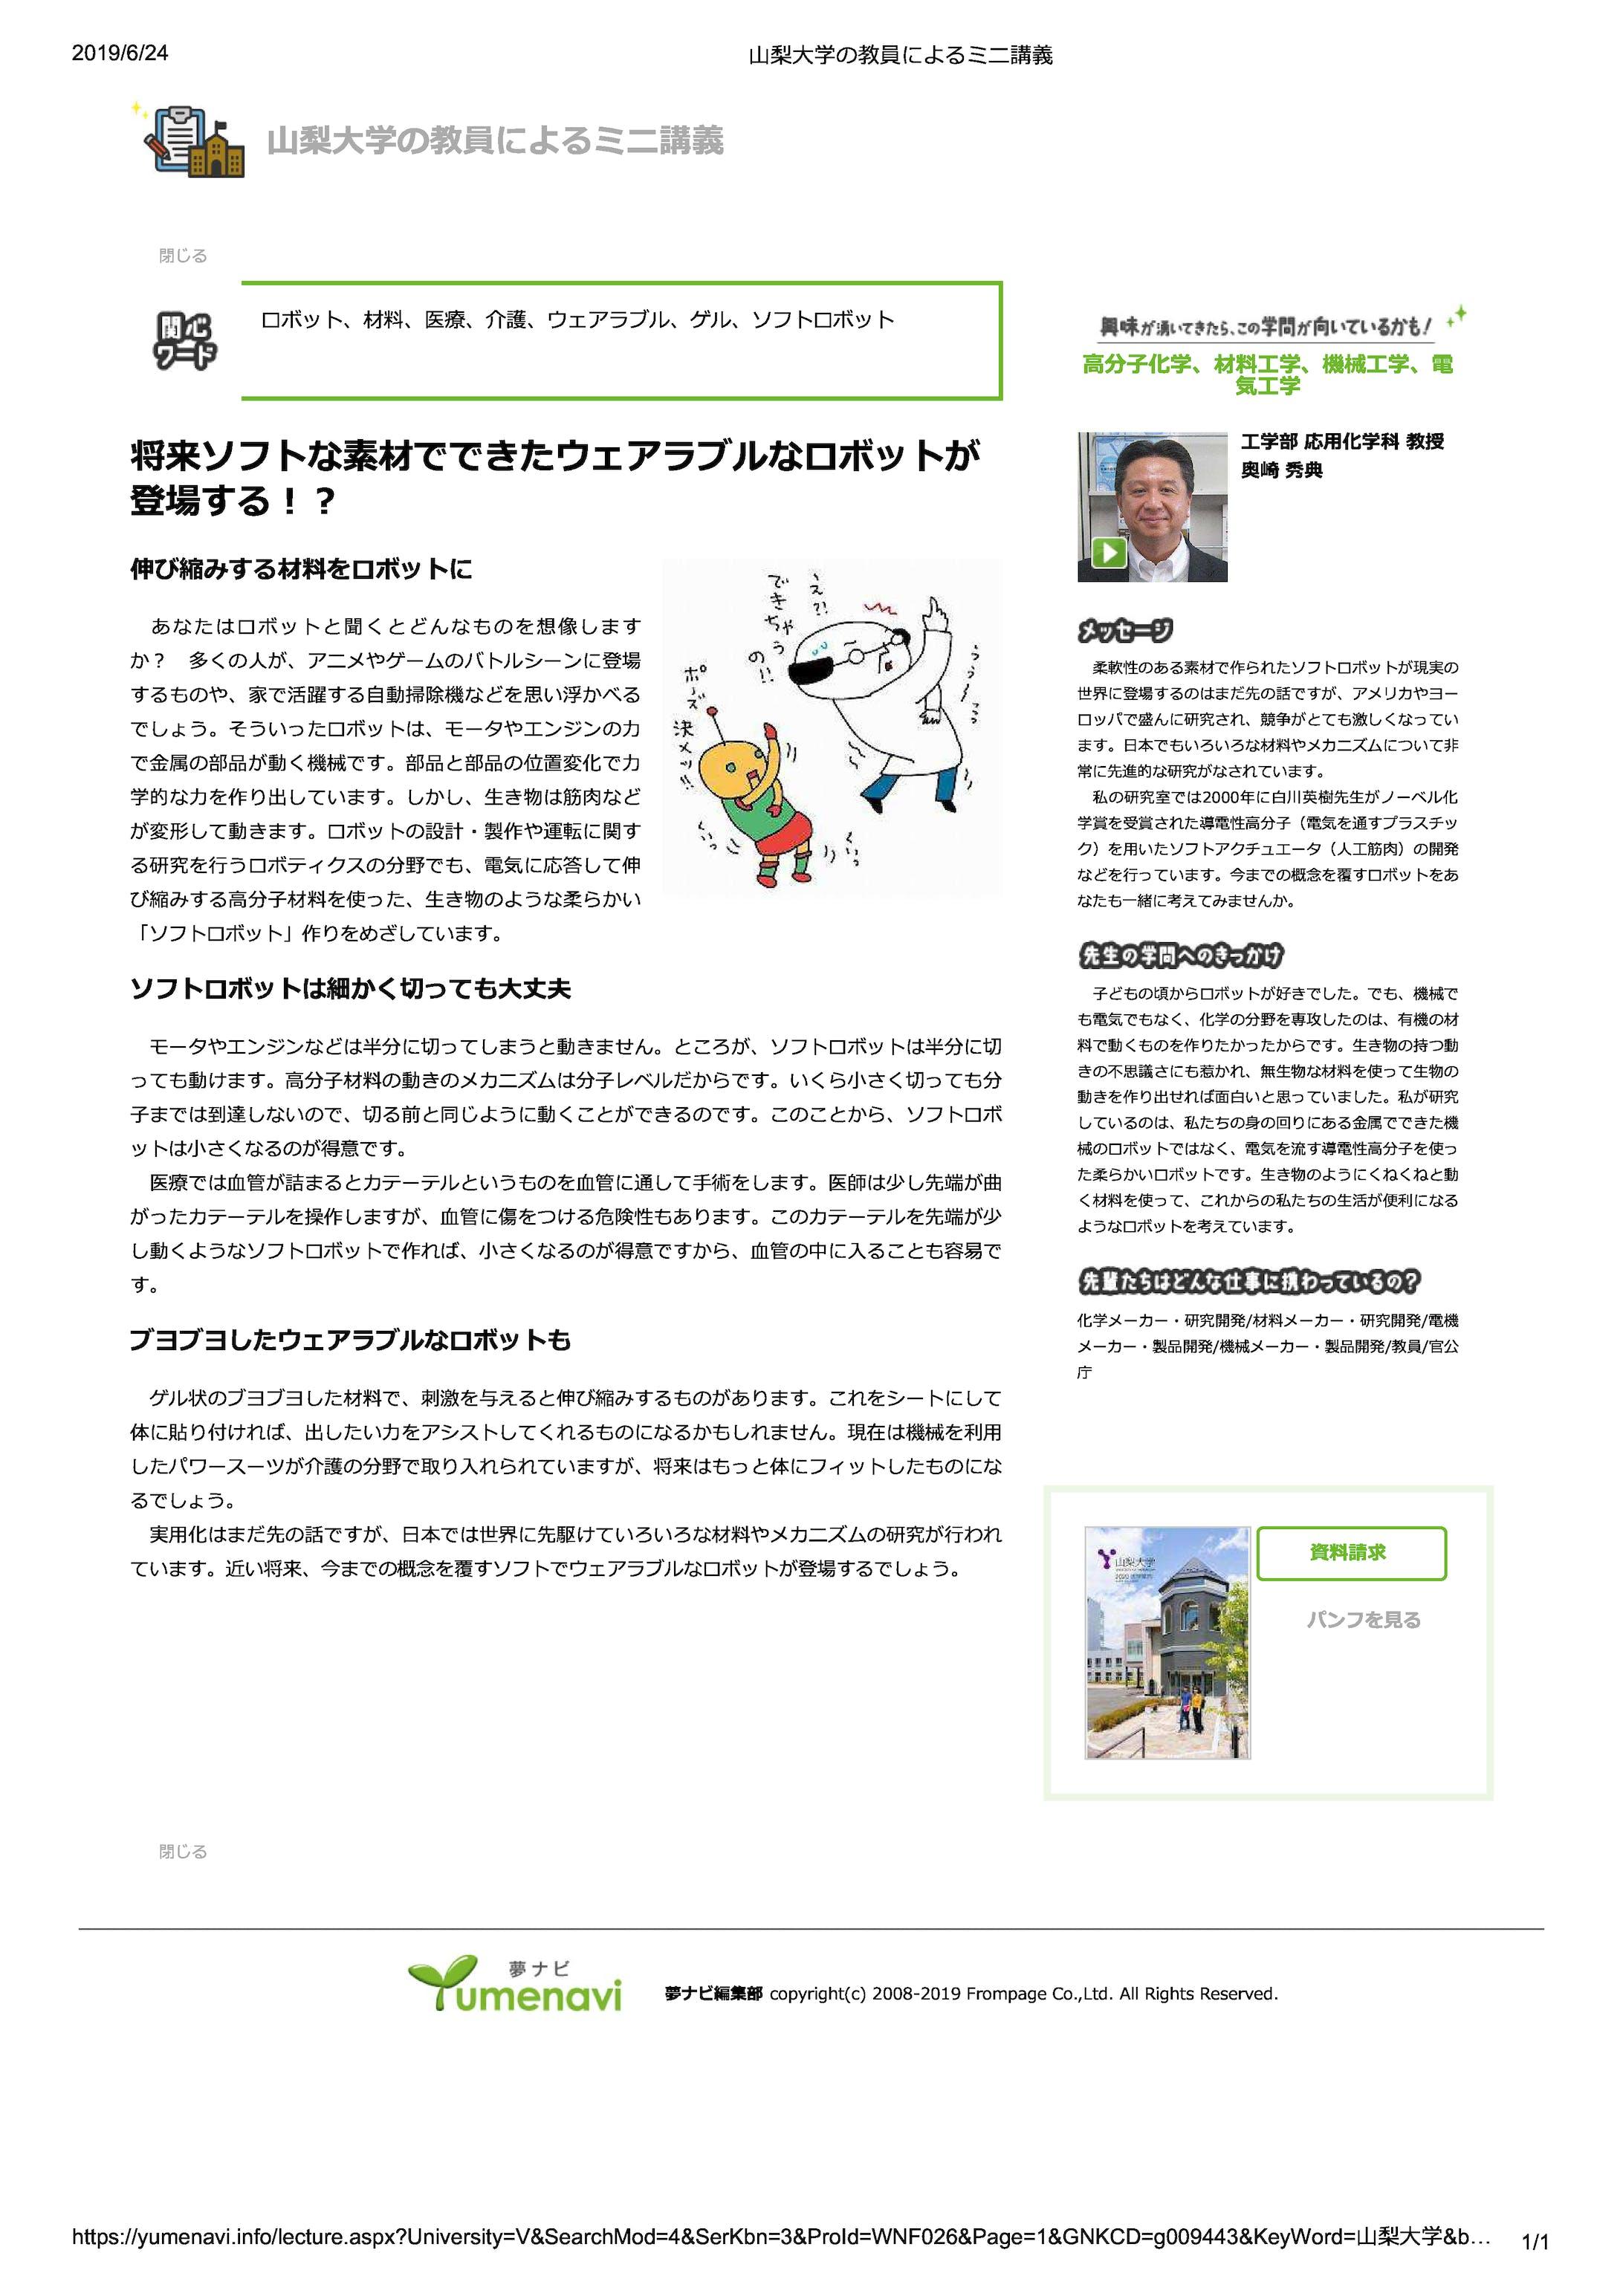 夢ナビ 取材・原稿作成-1